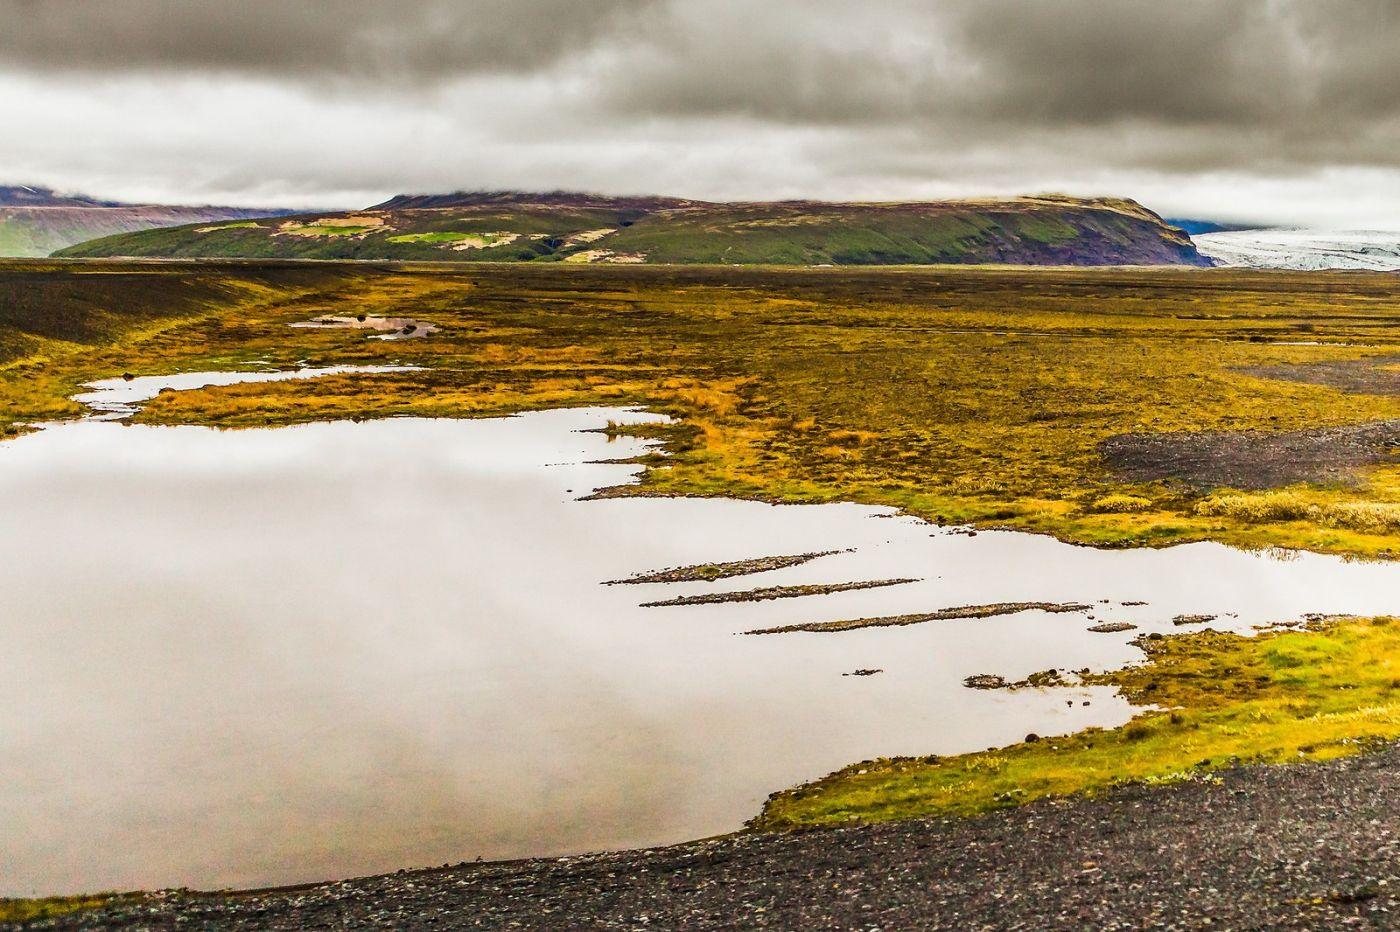 冰岛风采,那一片水景_图1-13